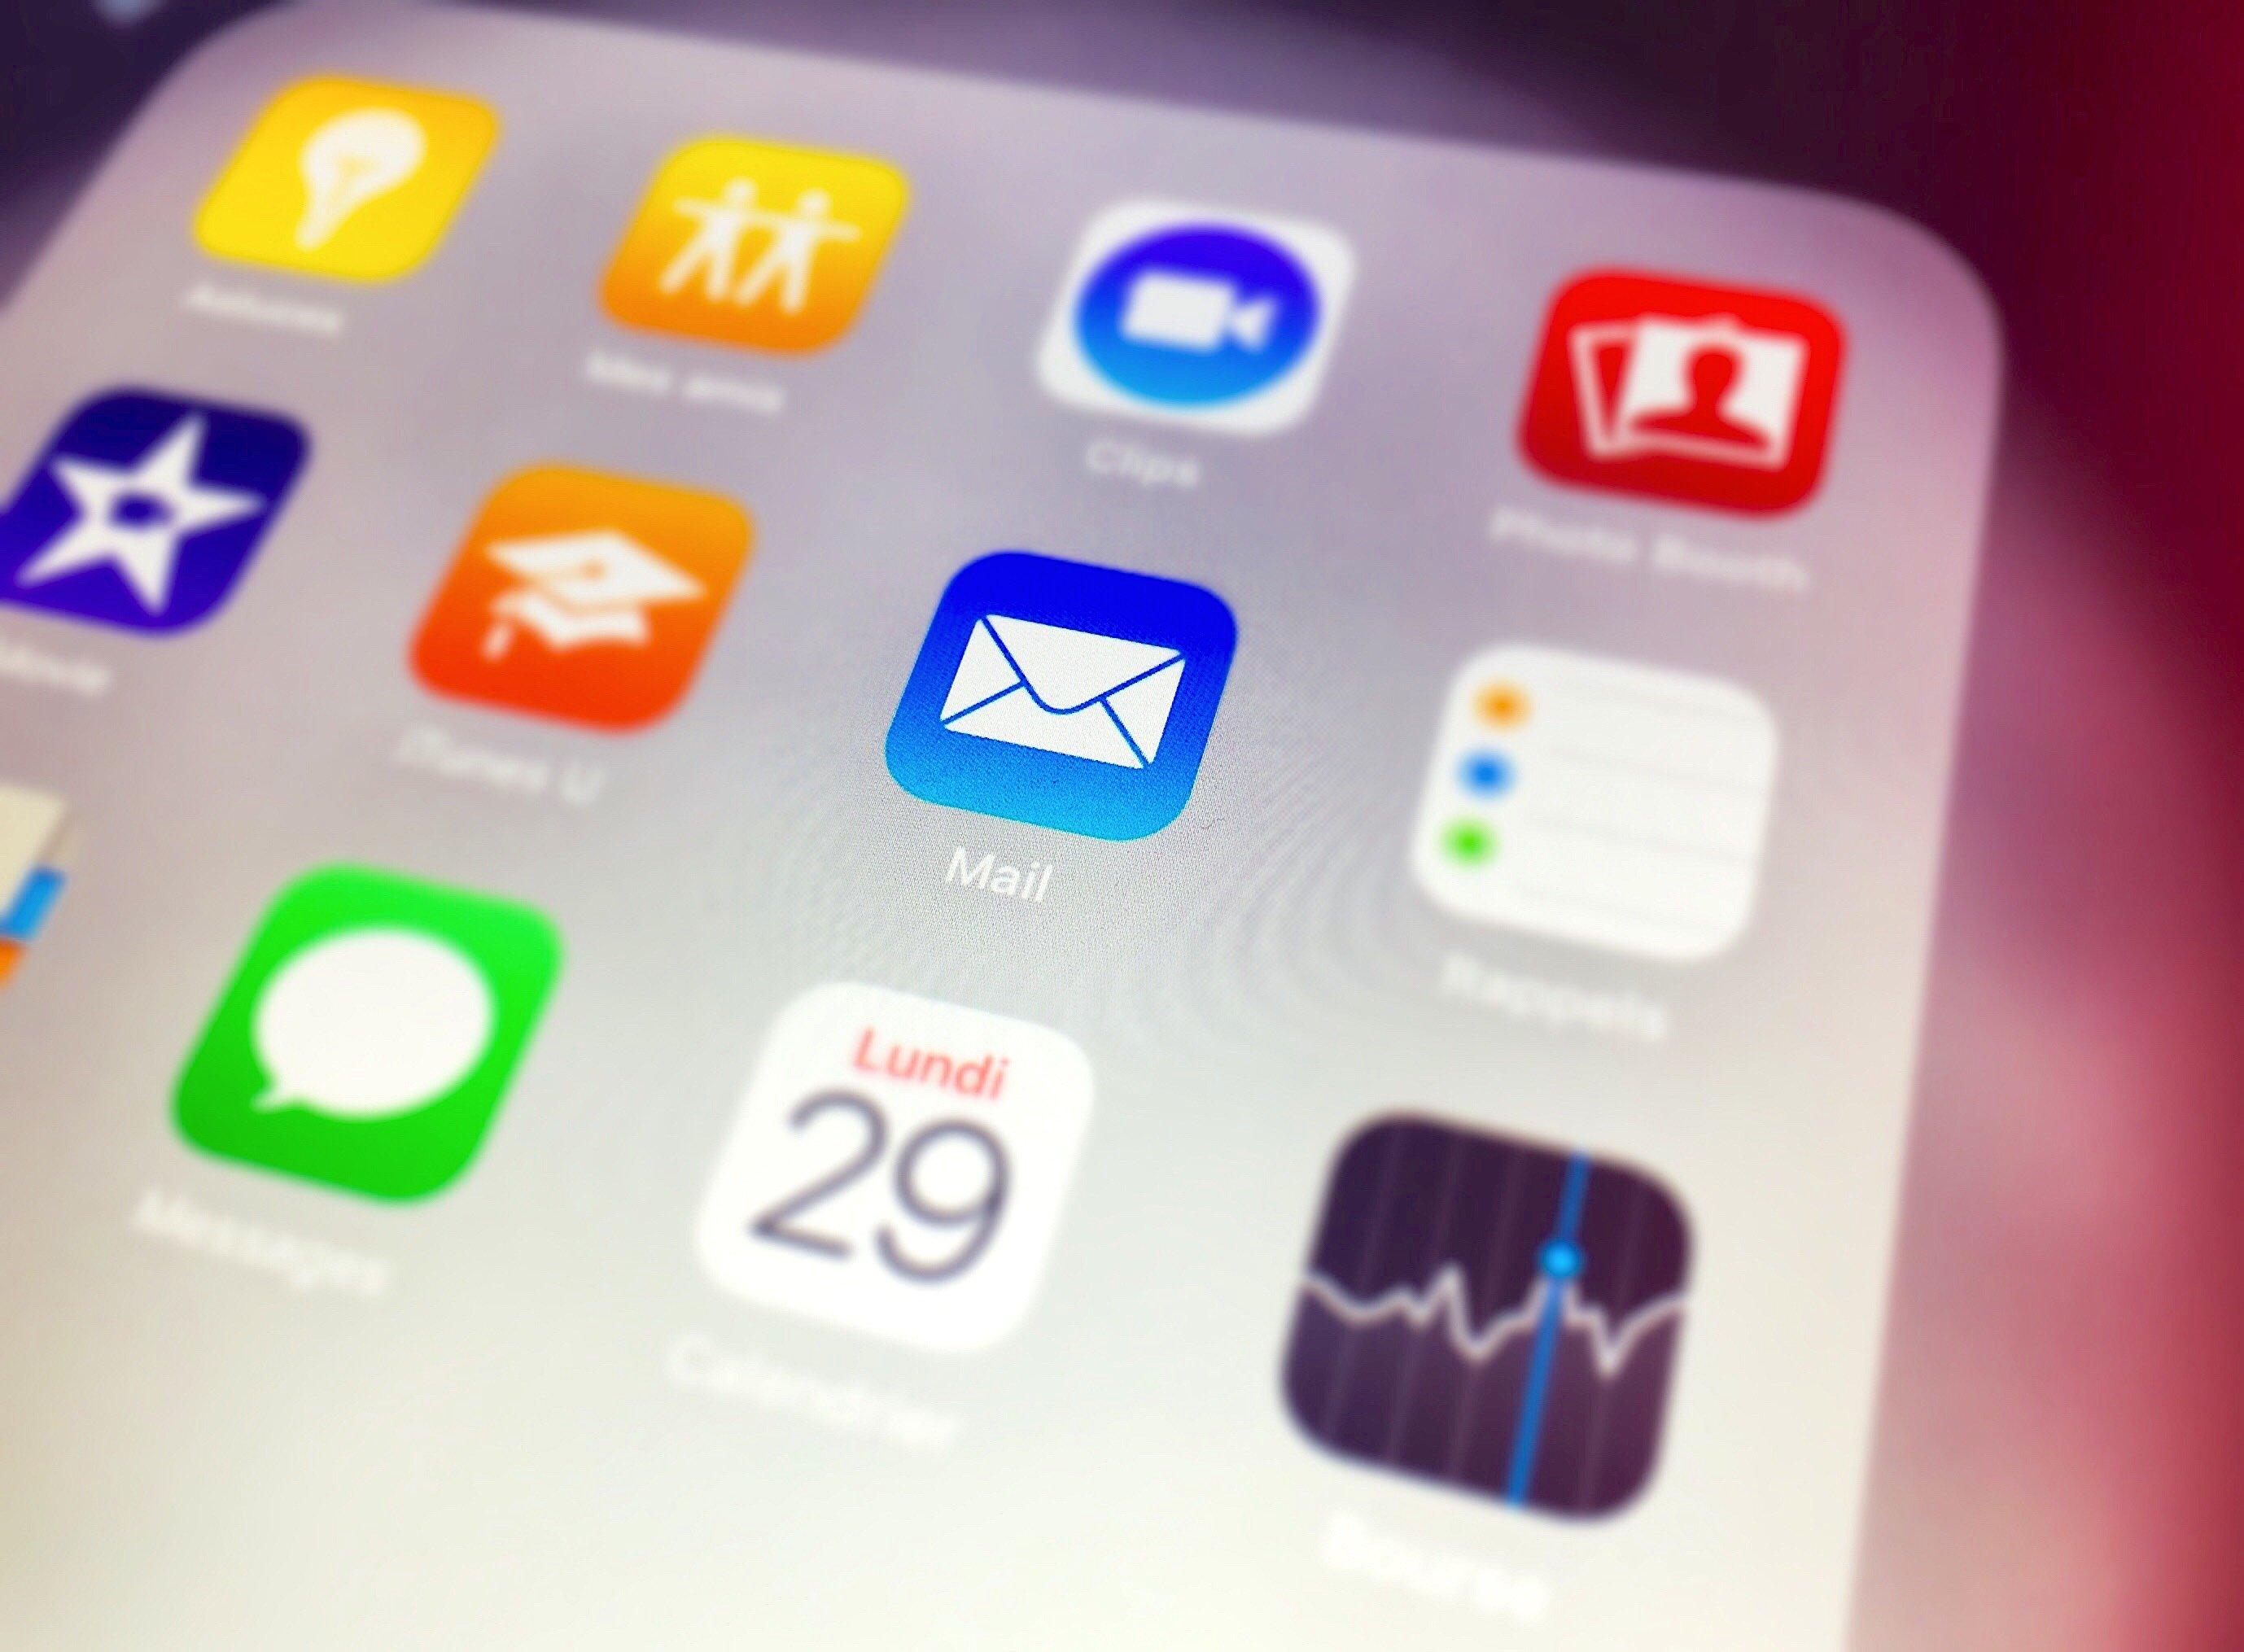 Pratique iOS : choisir d'archiver ou de supprimer les mails sur iPhone ou iPad - Màj 1